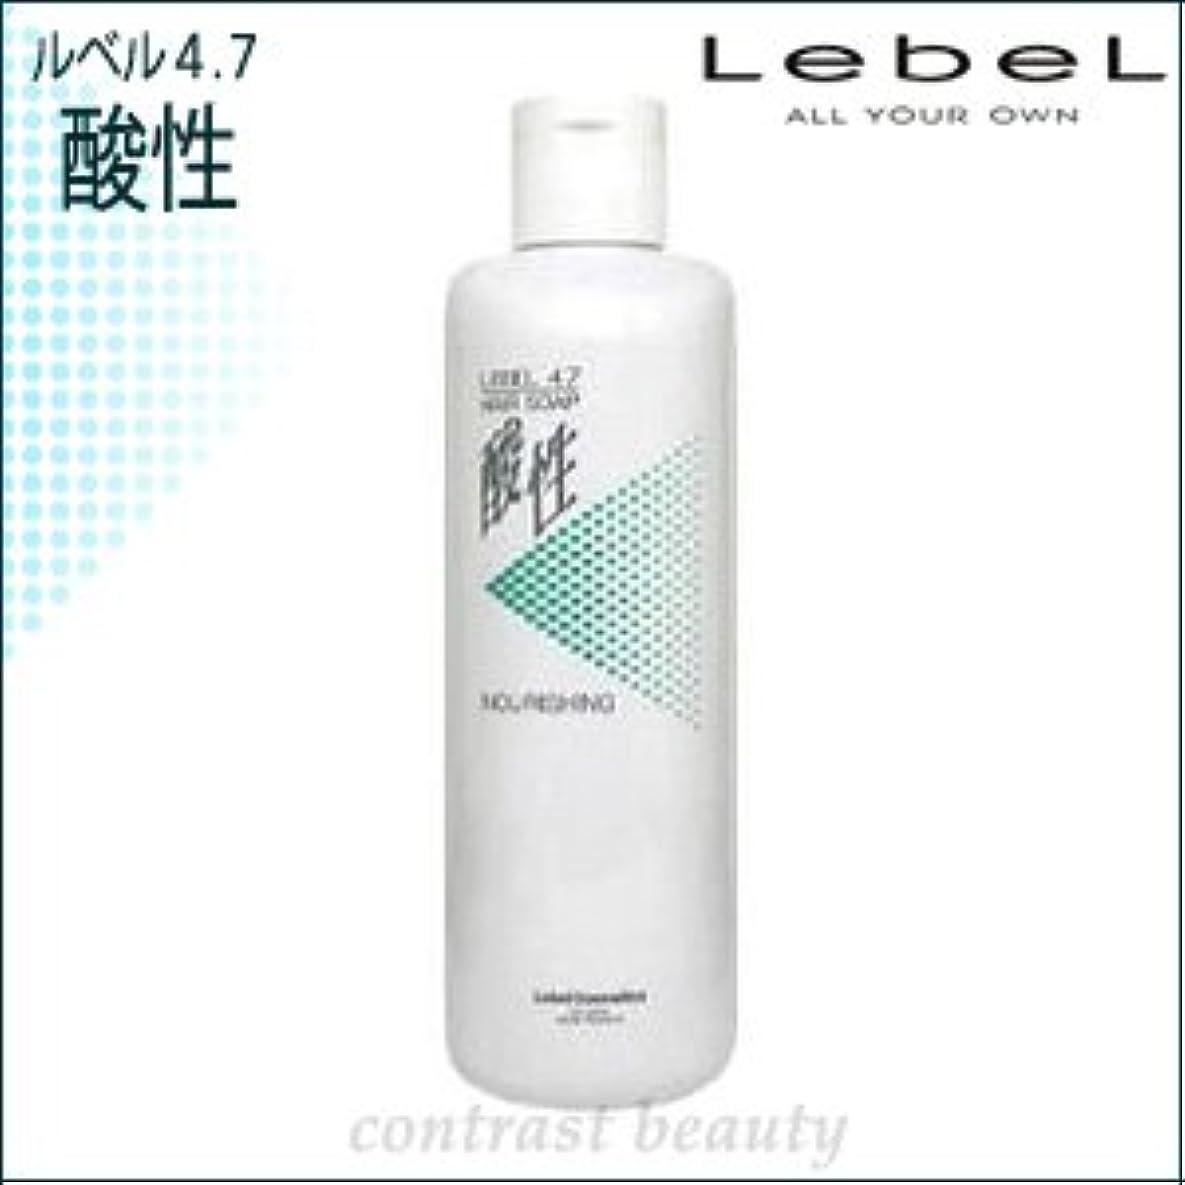 有益誰でも用量【X3個セット】 ルベル/LebeL 4.7酸性 ヘアソープ ナリシング 400ml